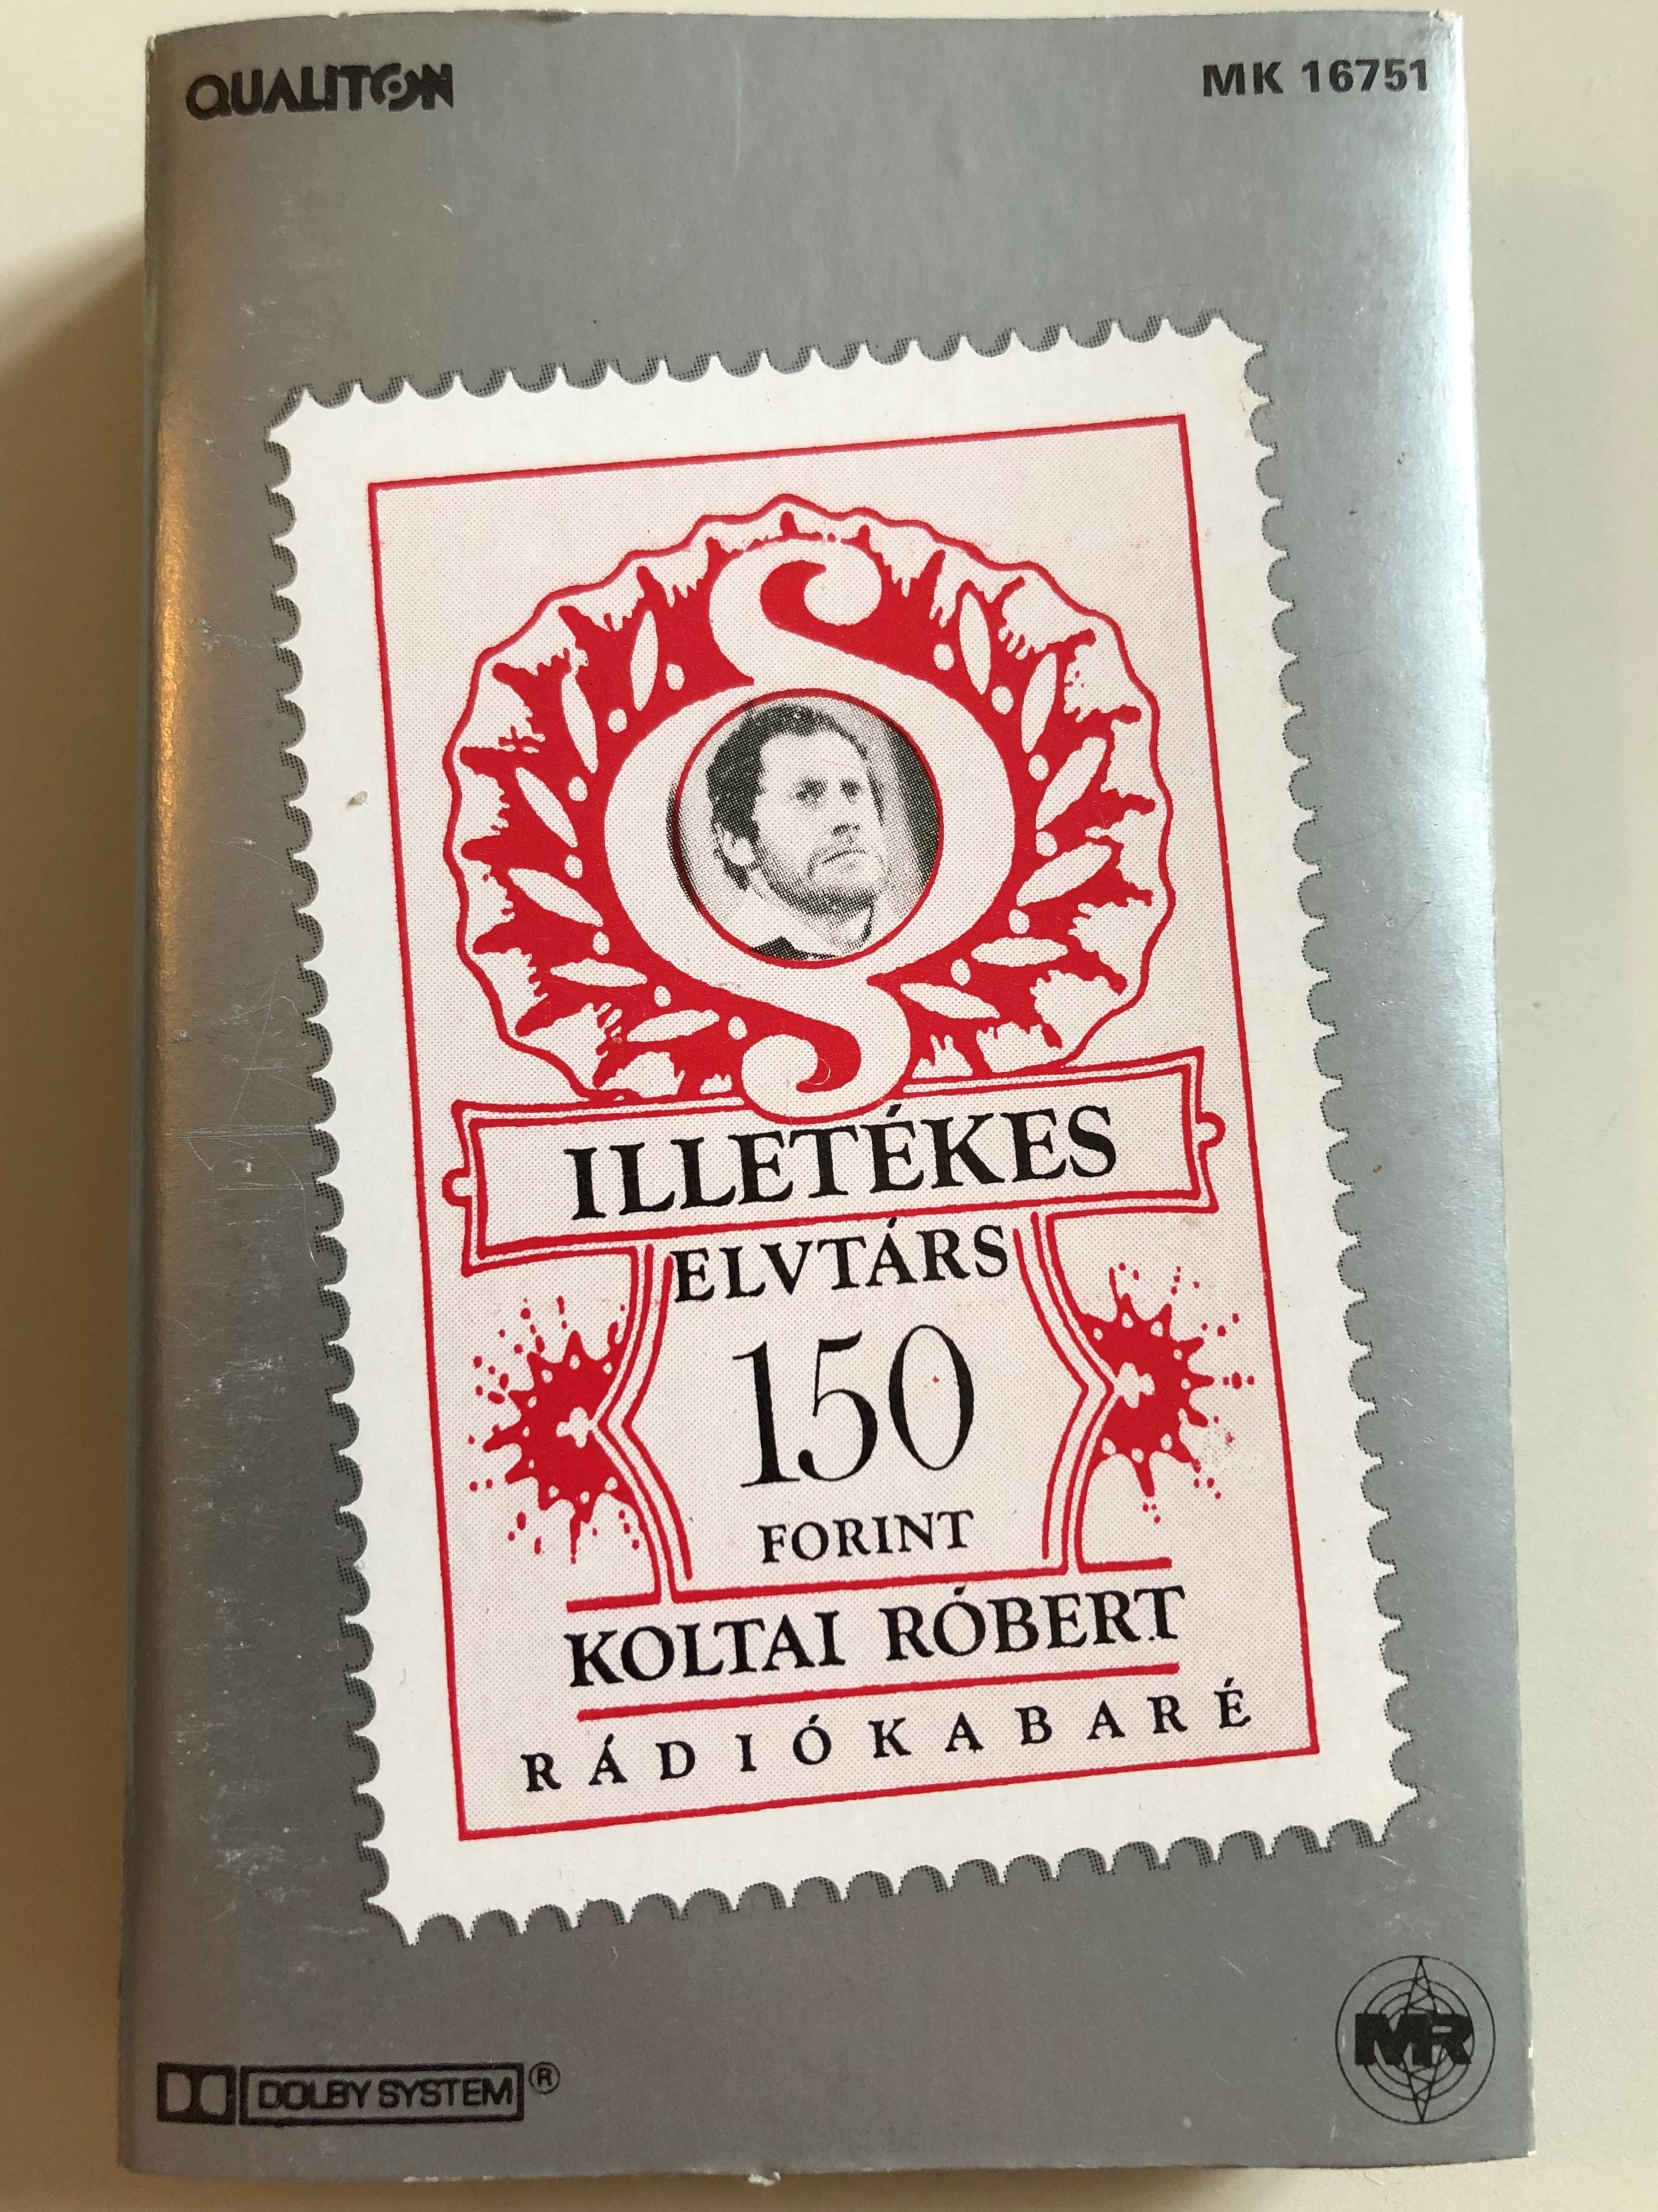 illet-kes-elvt-rs-150-forint-koltai-r-bert-radiokabare-qualiton-cassette-mono-mk-16751-1-.jpg